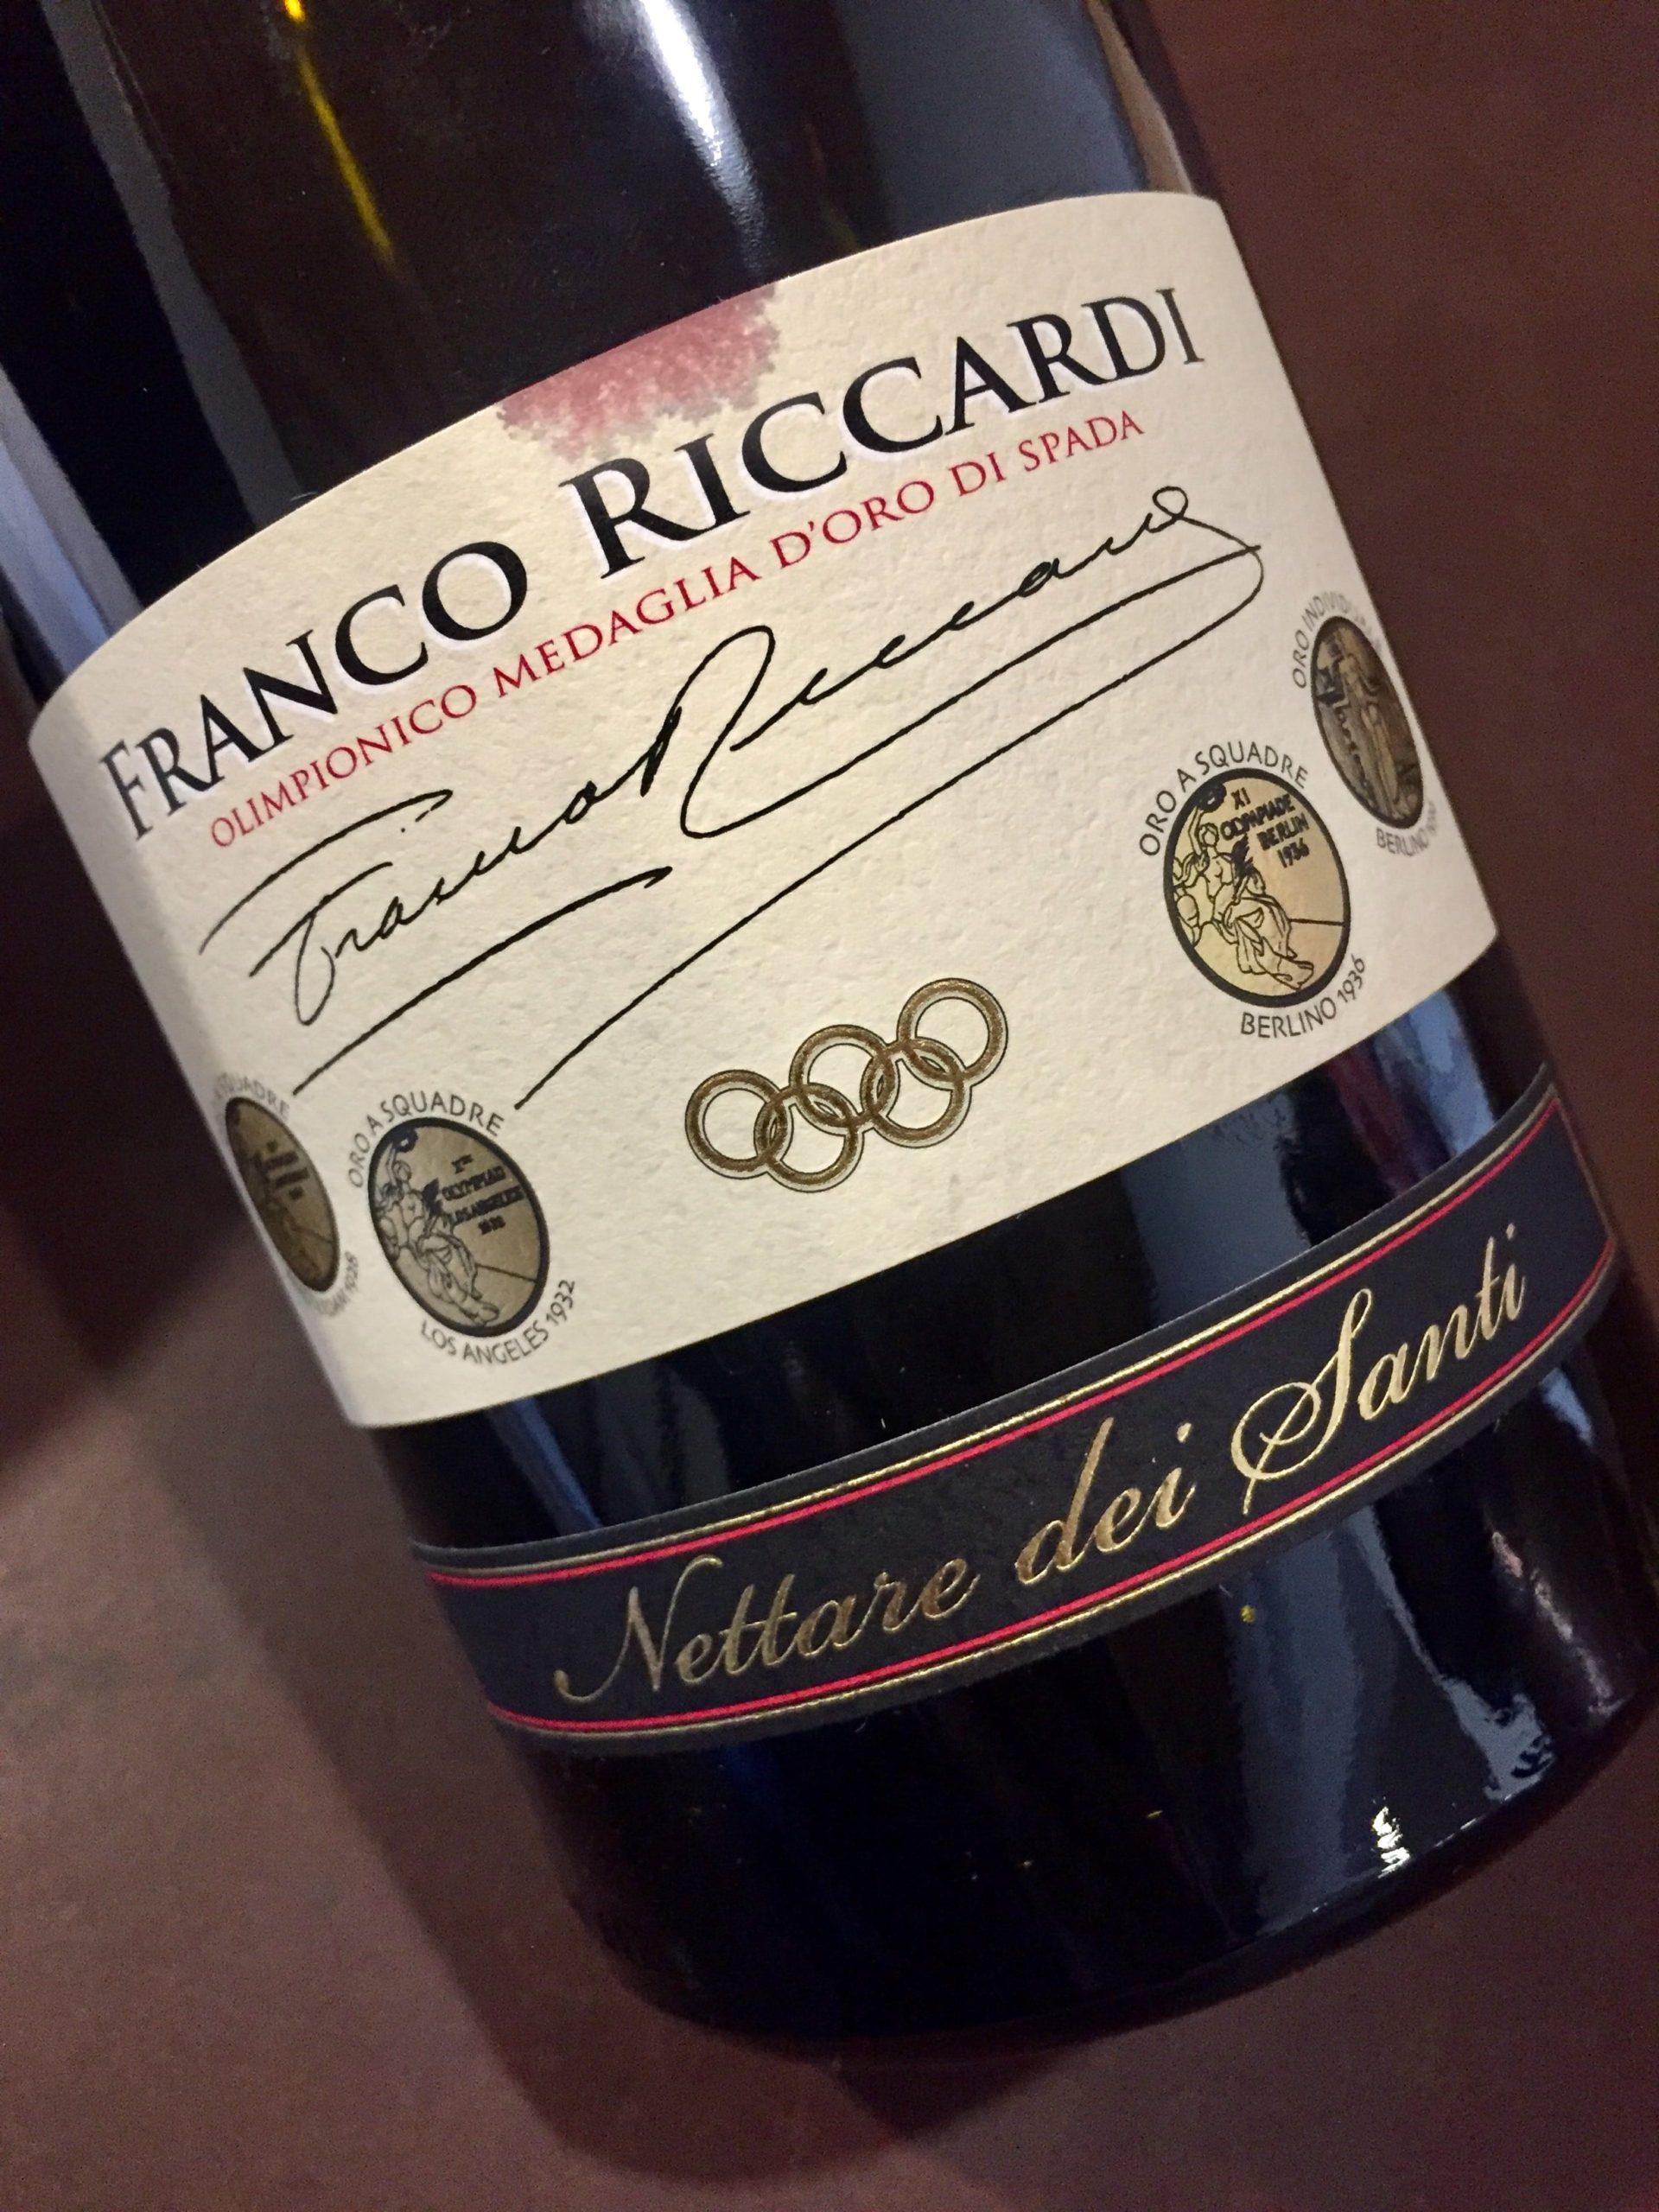 Franco Riccardi etichetta